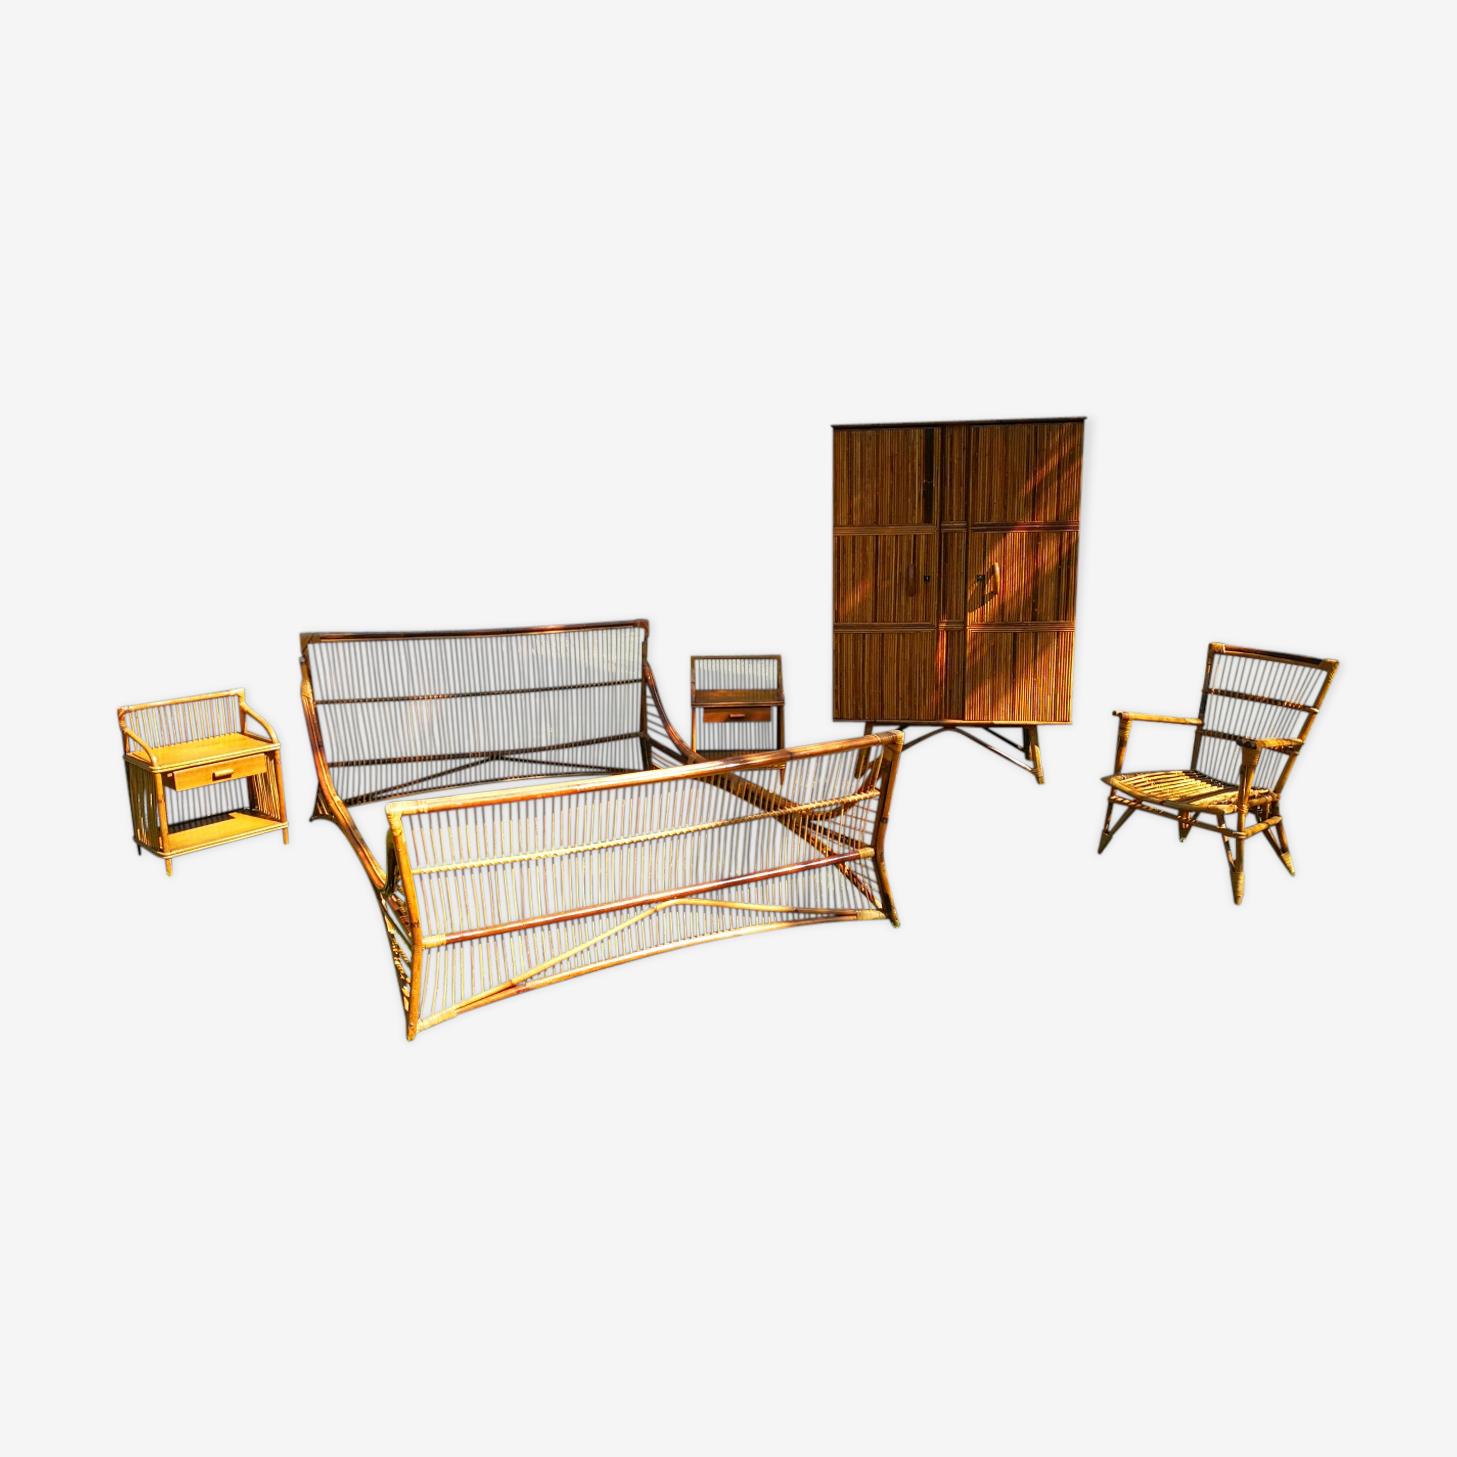 Bedroom rattan, 5 pieces, year 60-70